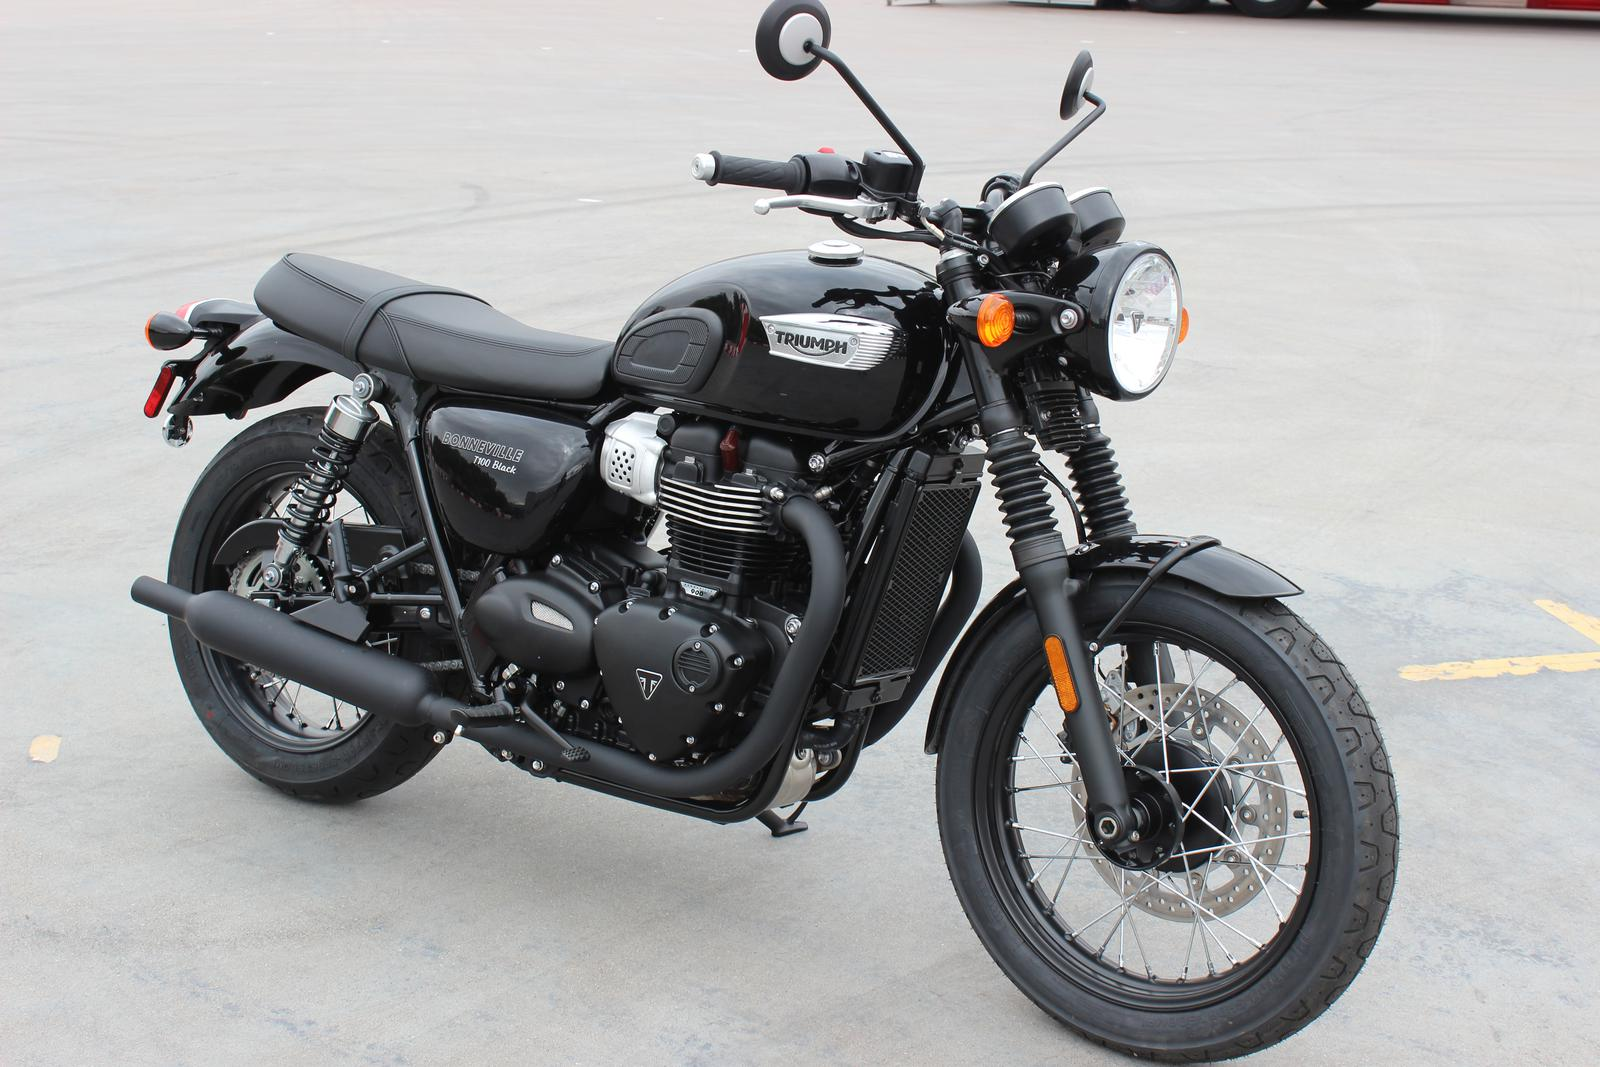 2019 Triumph Bonneville T100 Black For Sale In Scottsdale Az Go